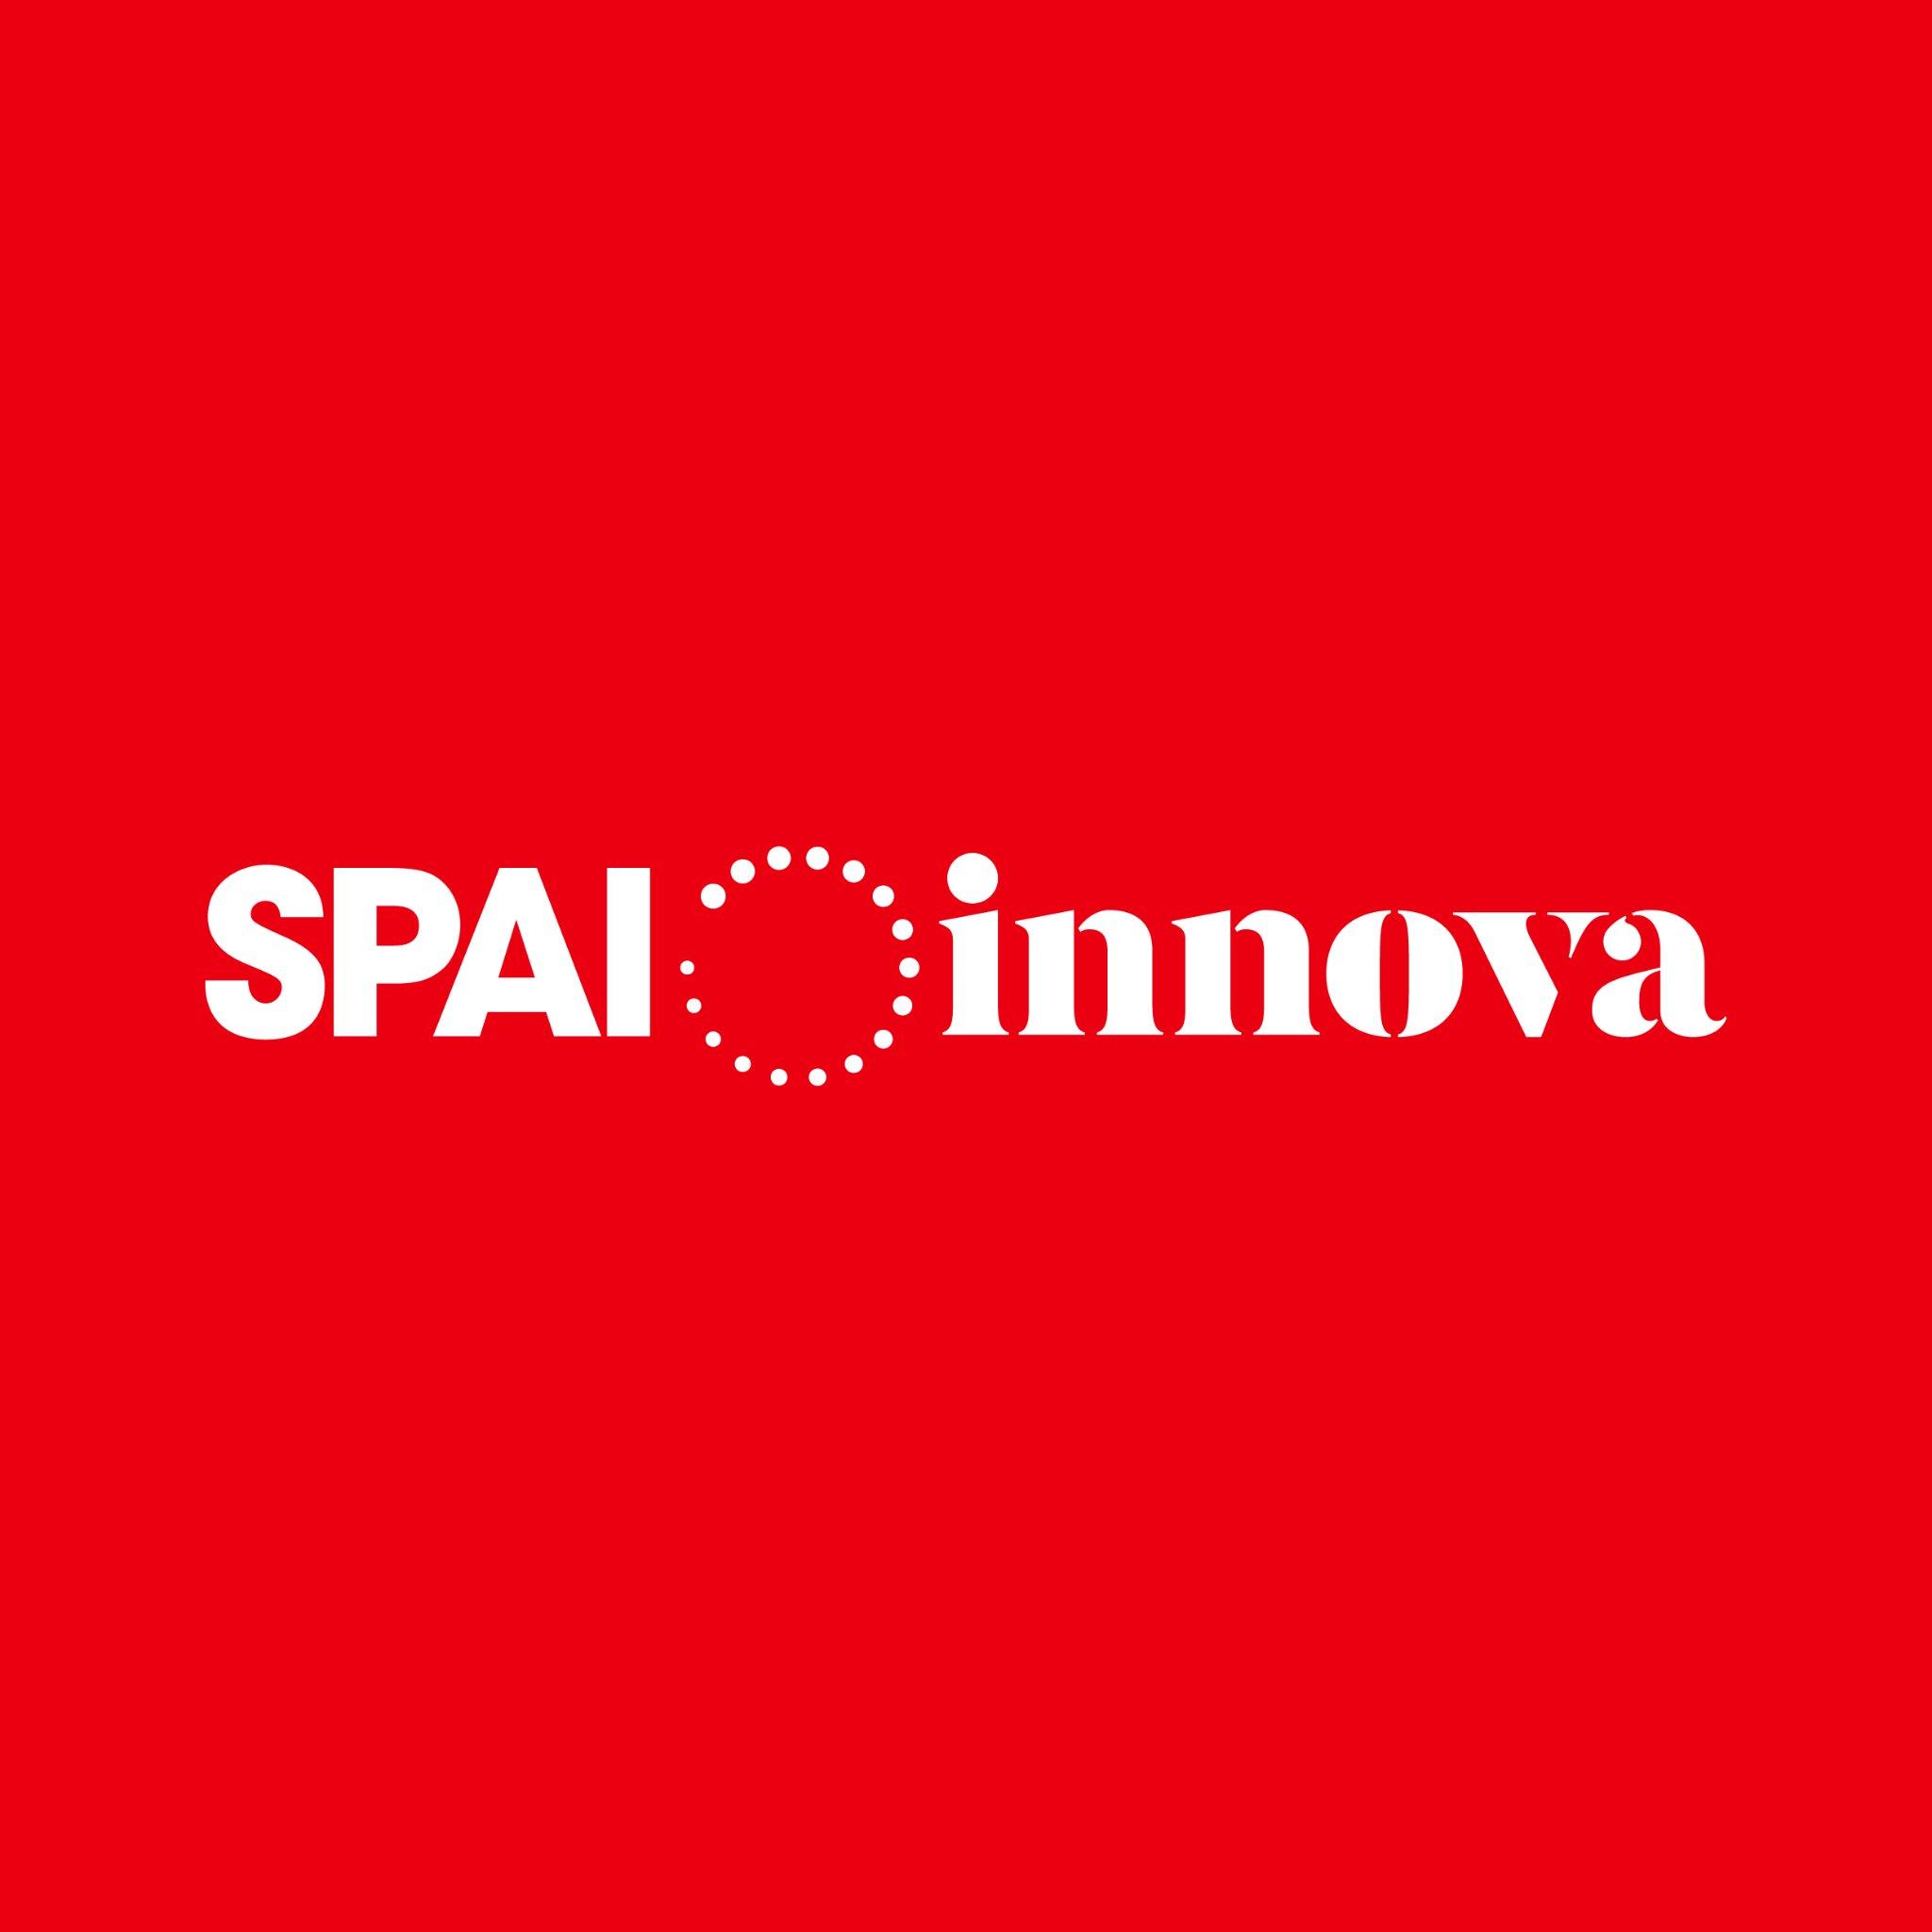 SPAI innova S.L.